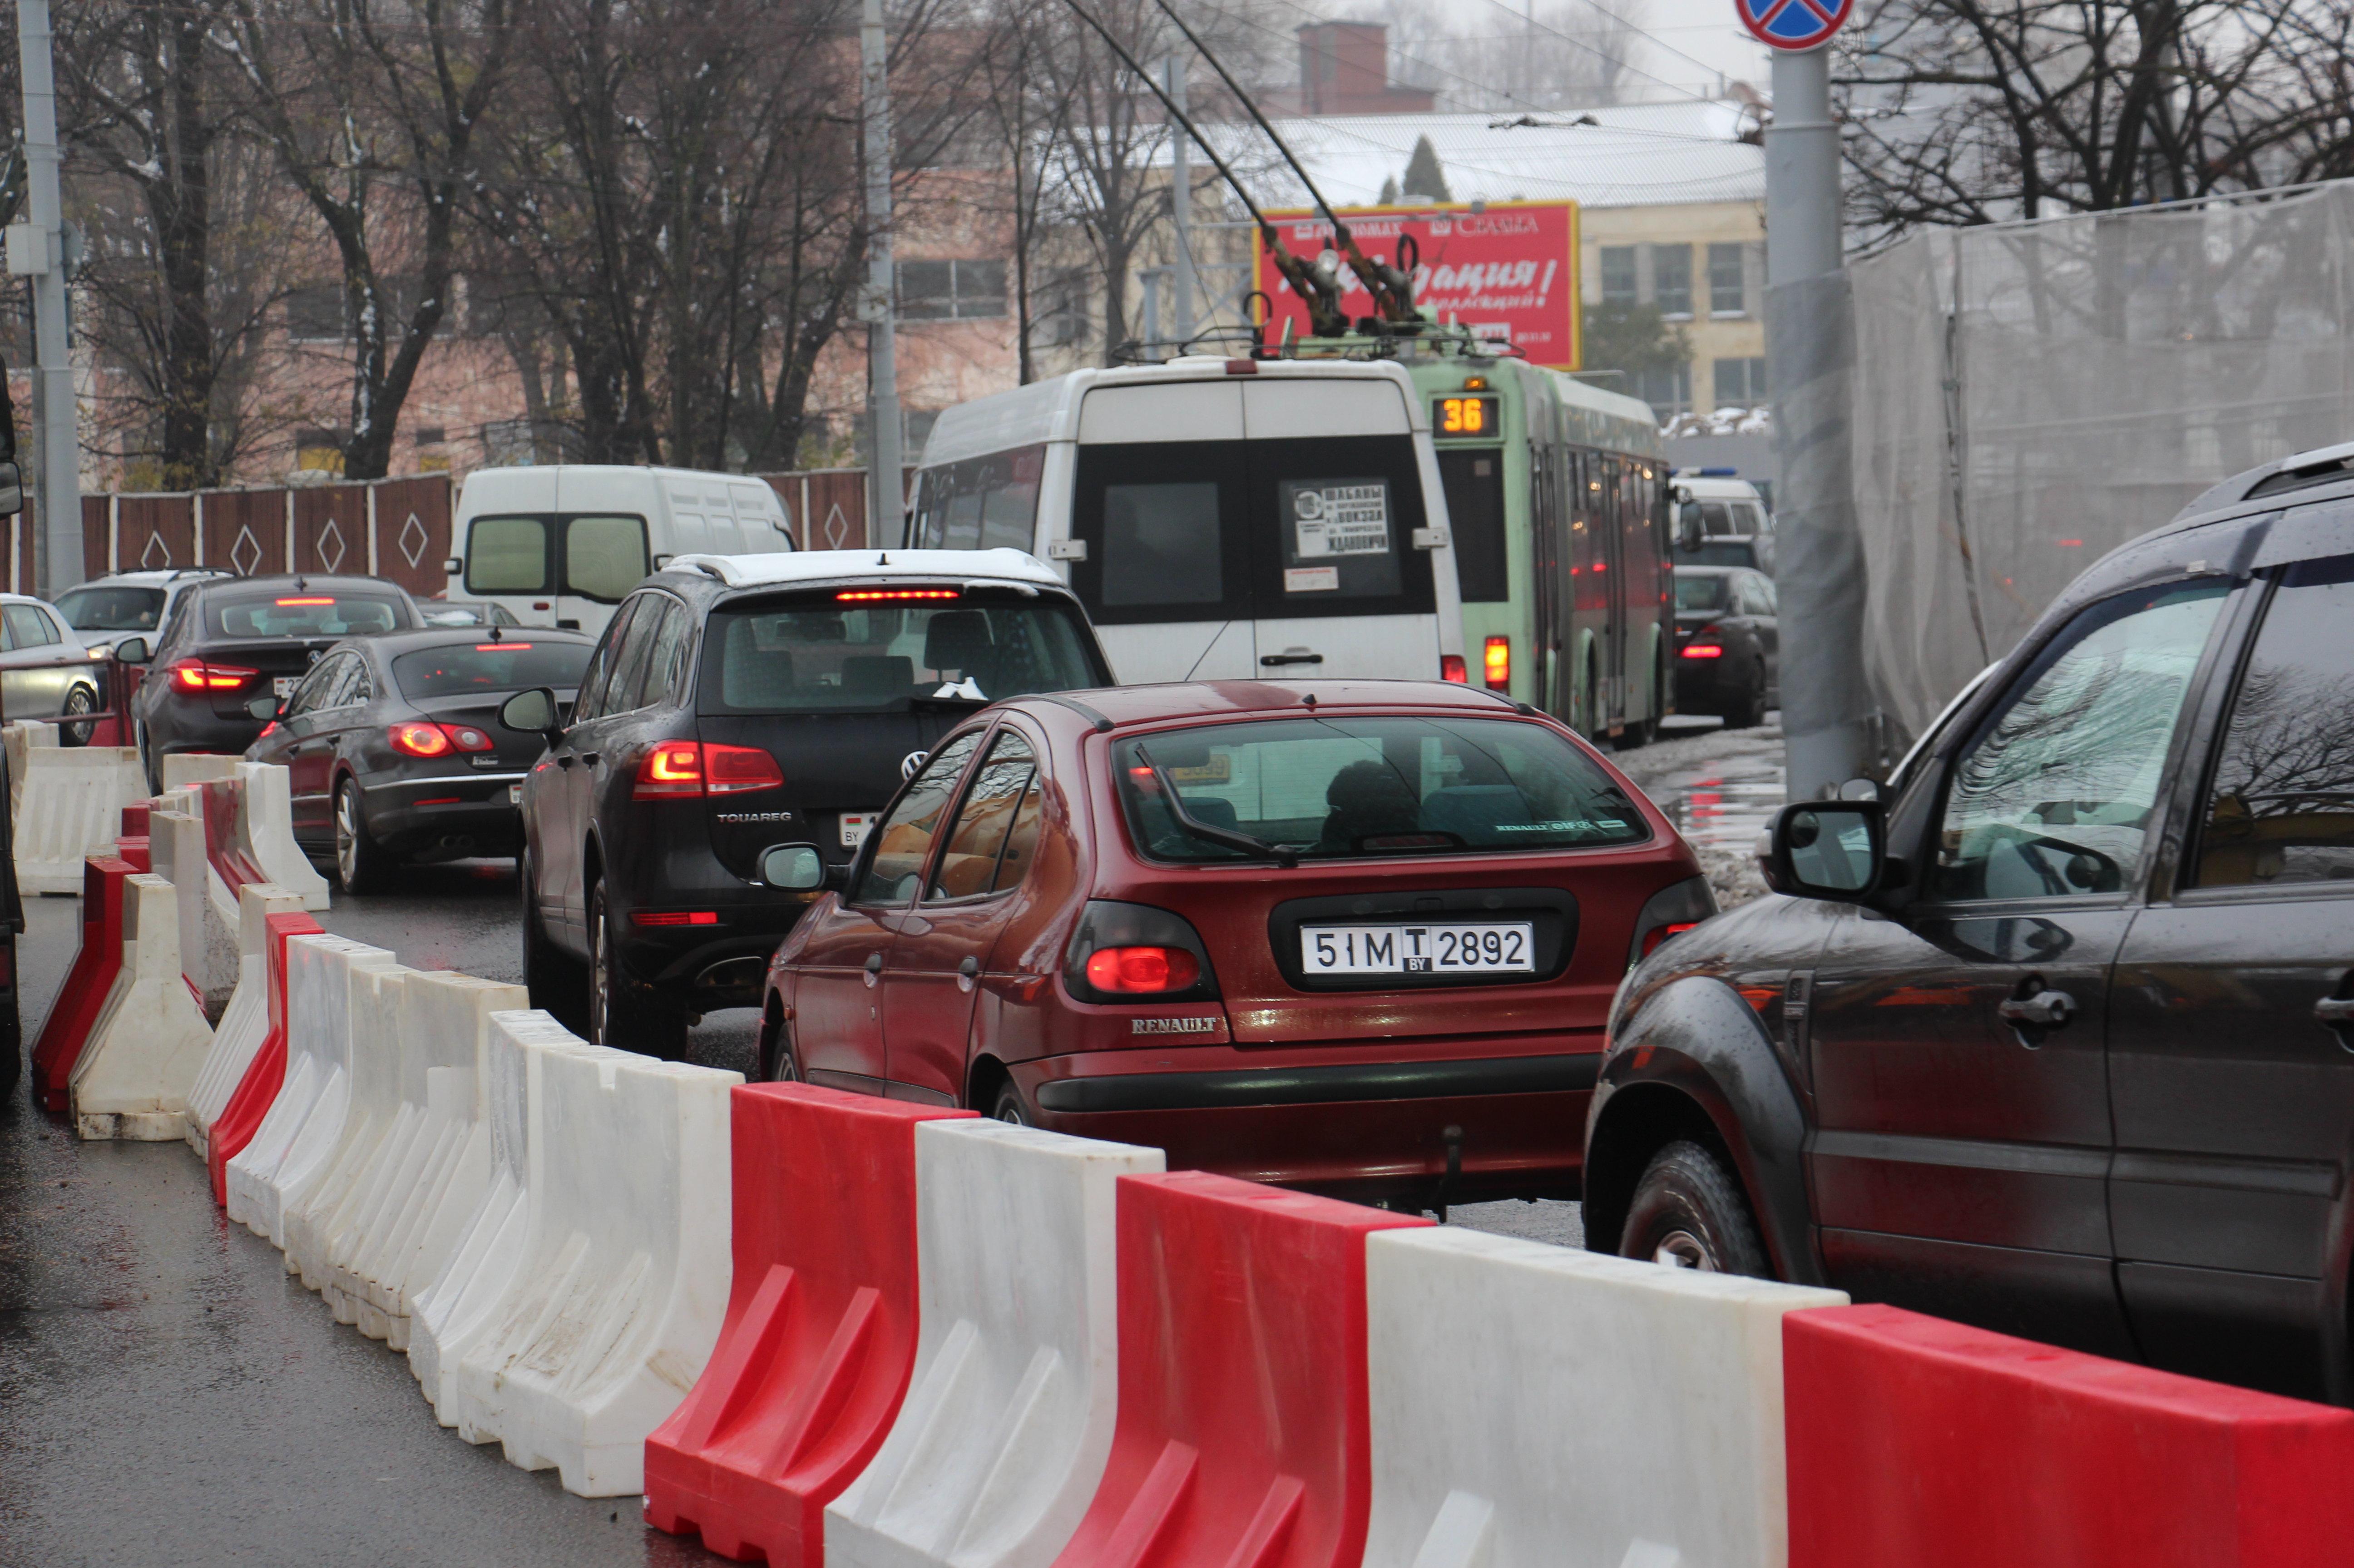 Вцентре Минска провалился асфальт— УГАИ